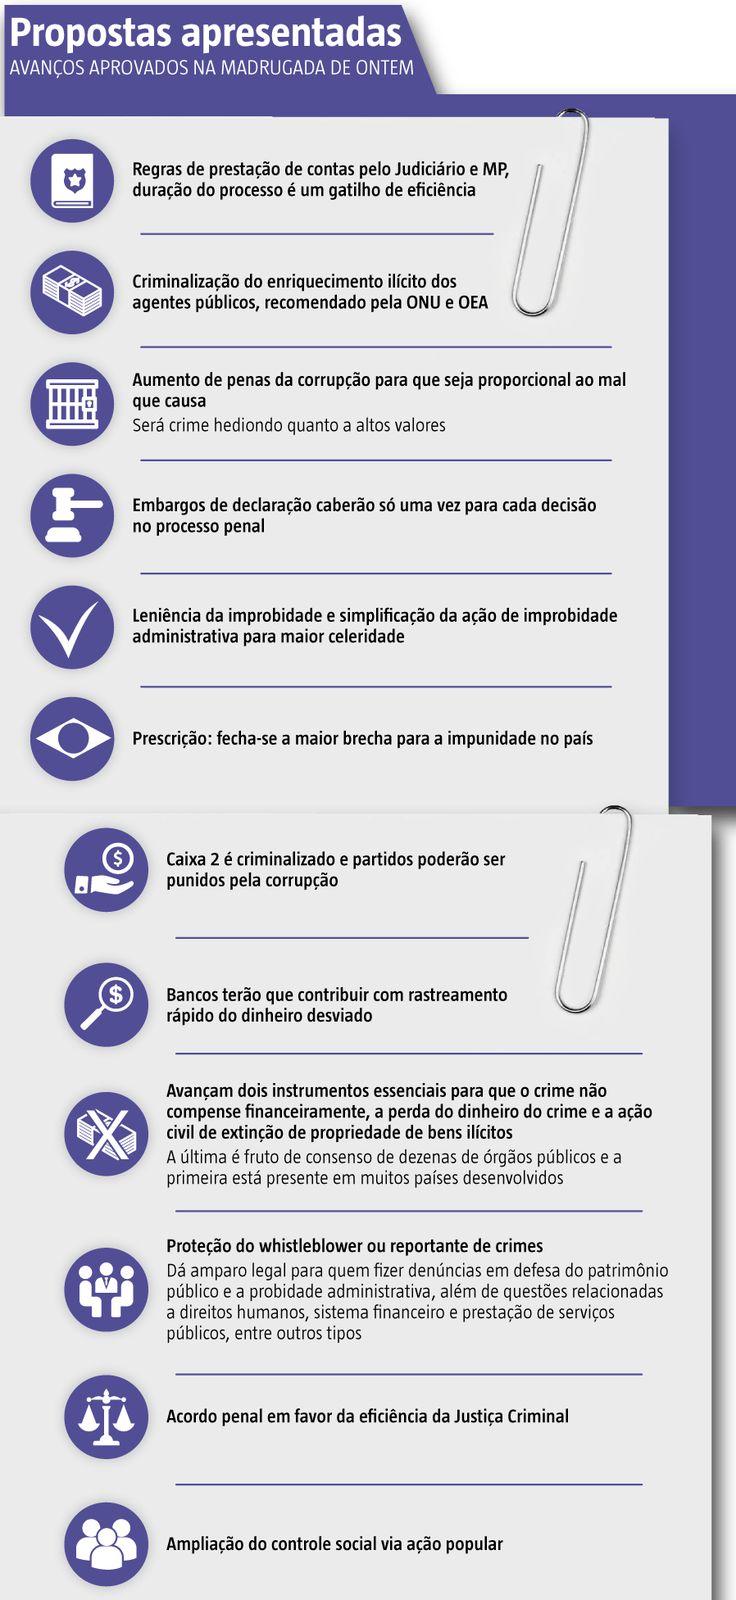 A Associação dos Magistrados Brasileiros (AMB) reagiu com vigor ao movimento de parlamentares que tenta amenizar o pacote de medidas de combate à corrupção. (25/11/2016) #Pacote #AntiCorrupção #Corrupção #Infográfico #Infografia #HojeEmDia